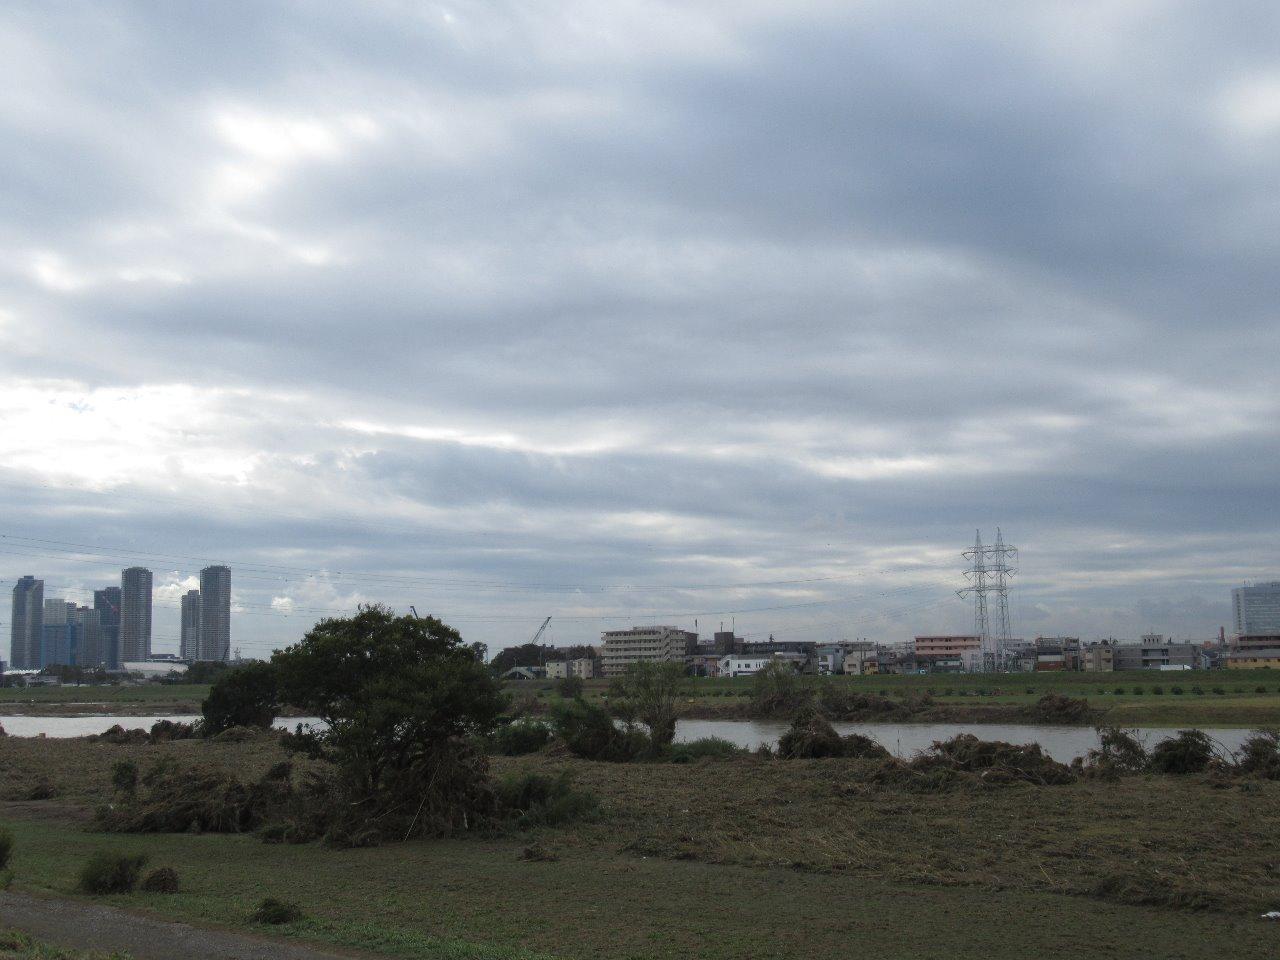 2019.10.15 ~まさか多摩川が・・・~